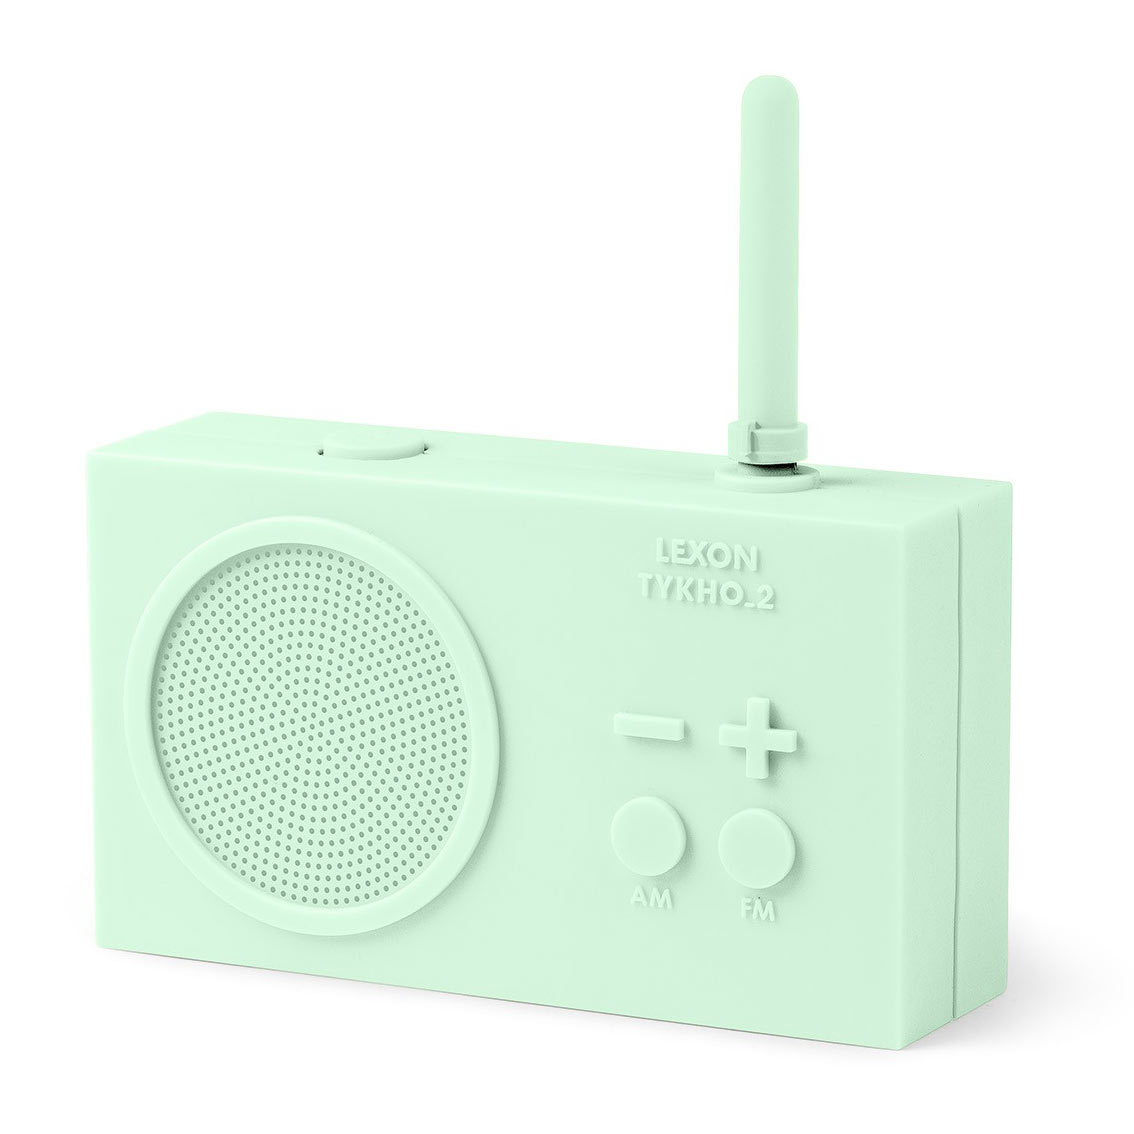 LEXON TYKHO 2 FM/AM RADIO LA100VC8 - MINT